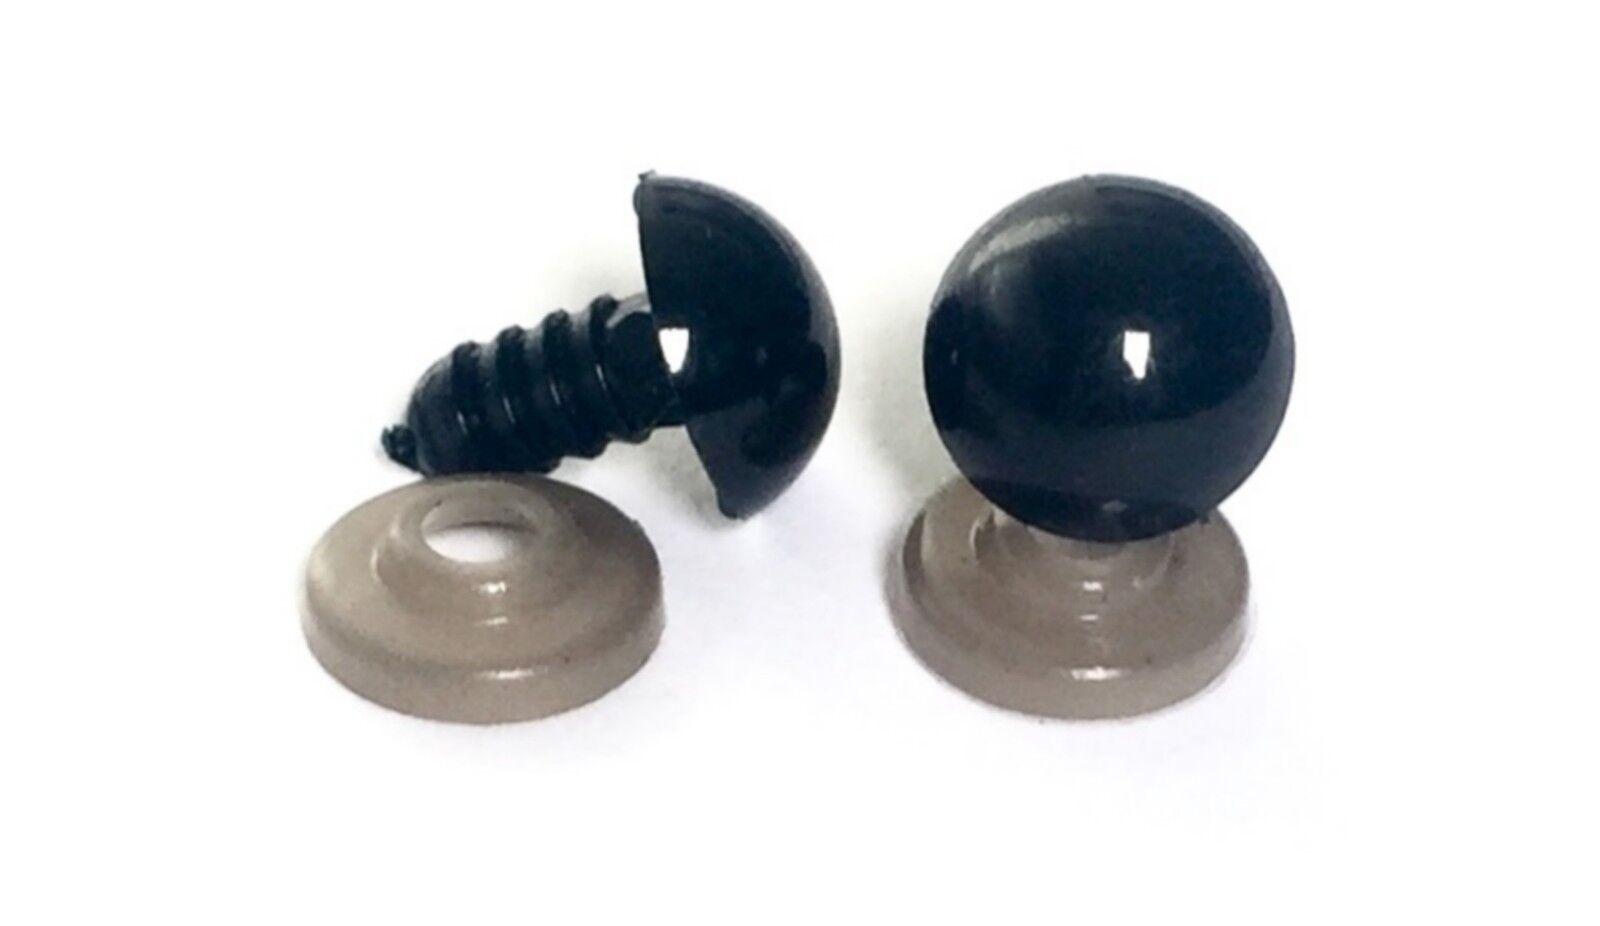 5mm - 40mm Black Plastic Safety Eyes Amigurumi Soft Toy Teddy Bear Craft Animal - 5